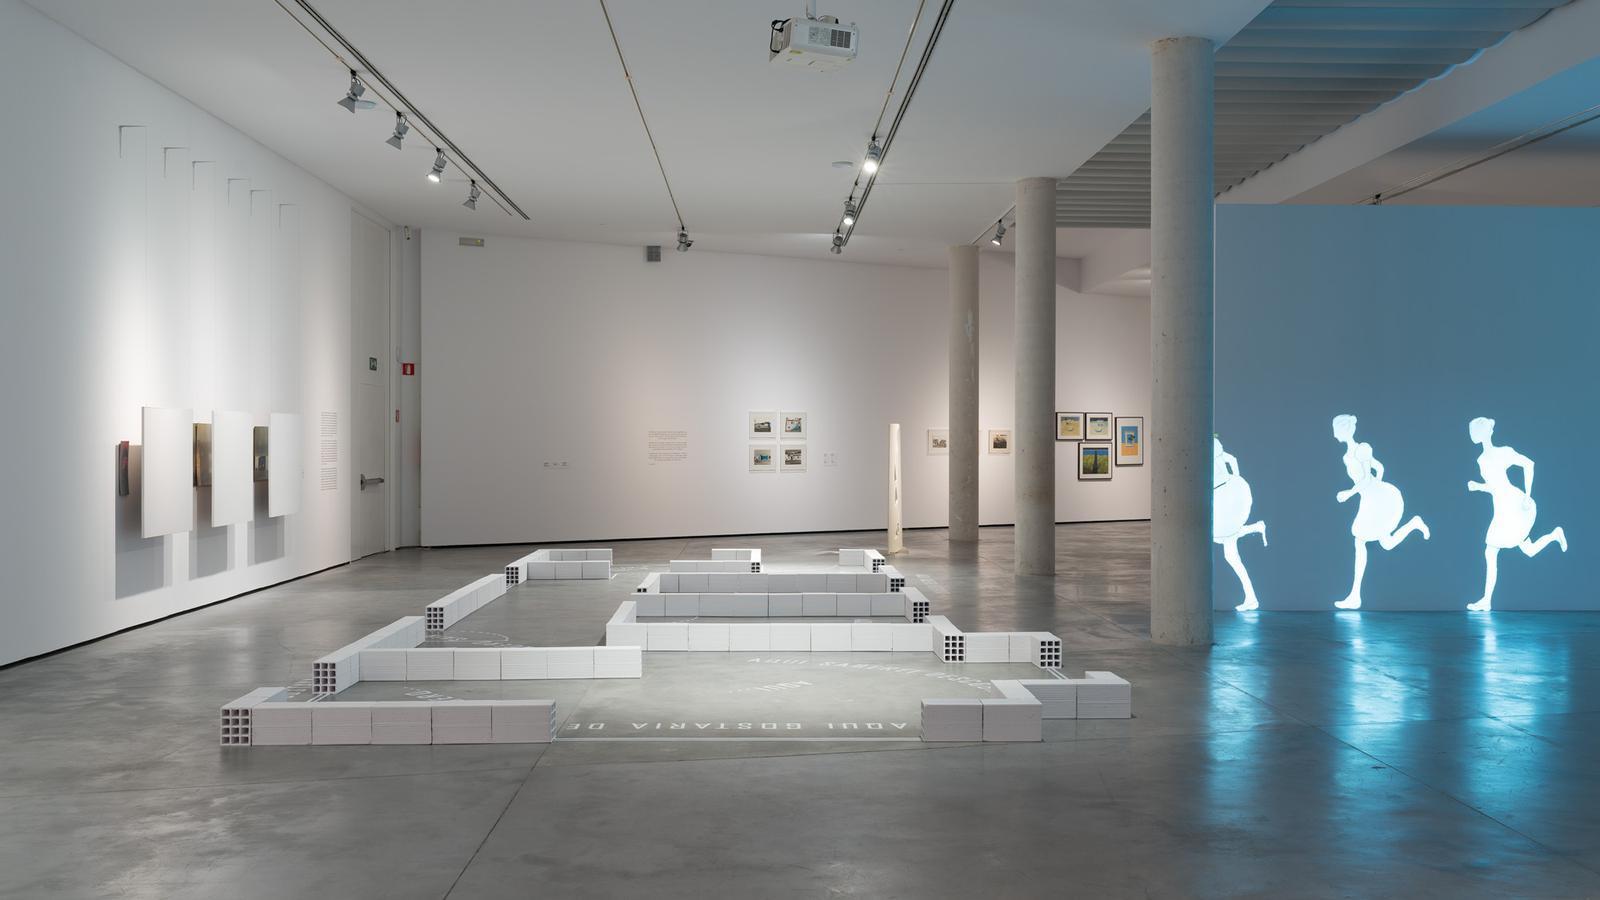 Vista de sala de l'exposició 'Ana Vieira. La llar i la fugida', Es Baluard Museu d'Art Contemporani de Palma, 2020.